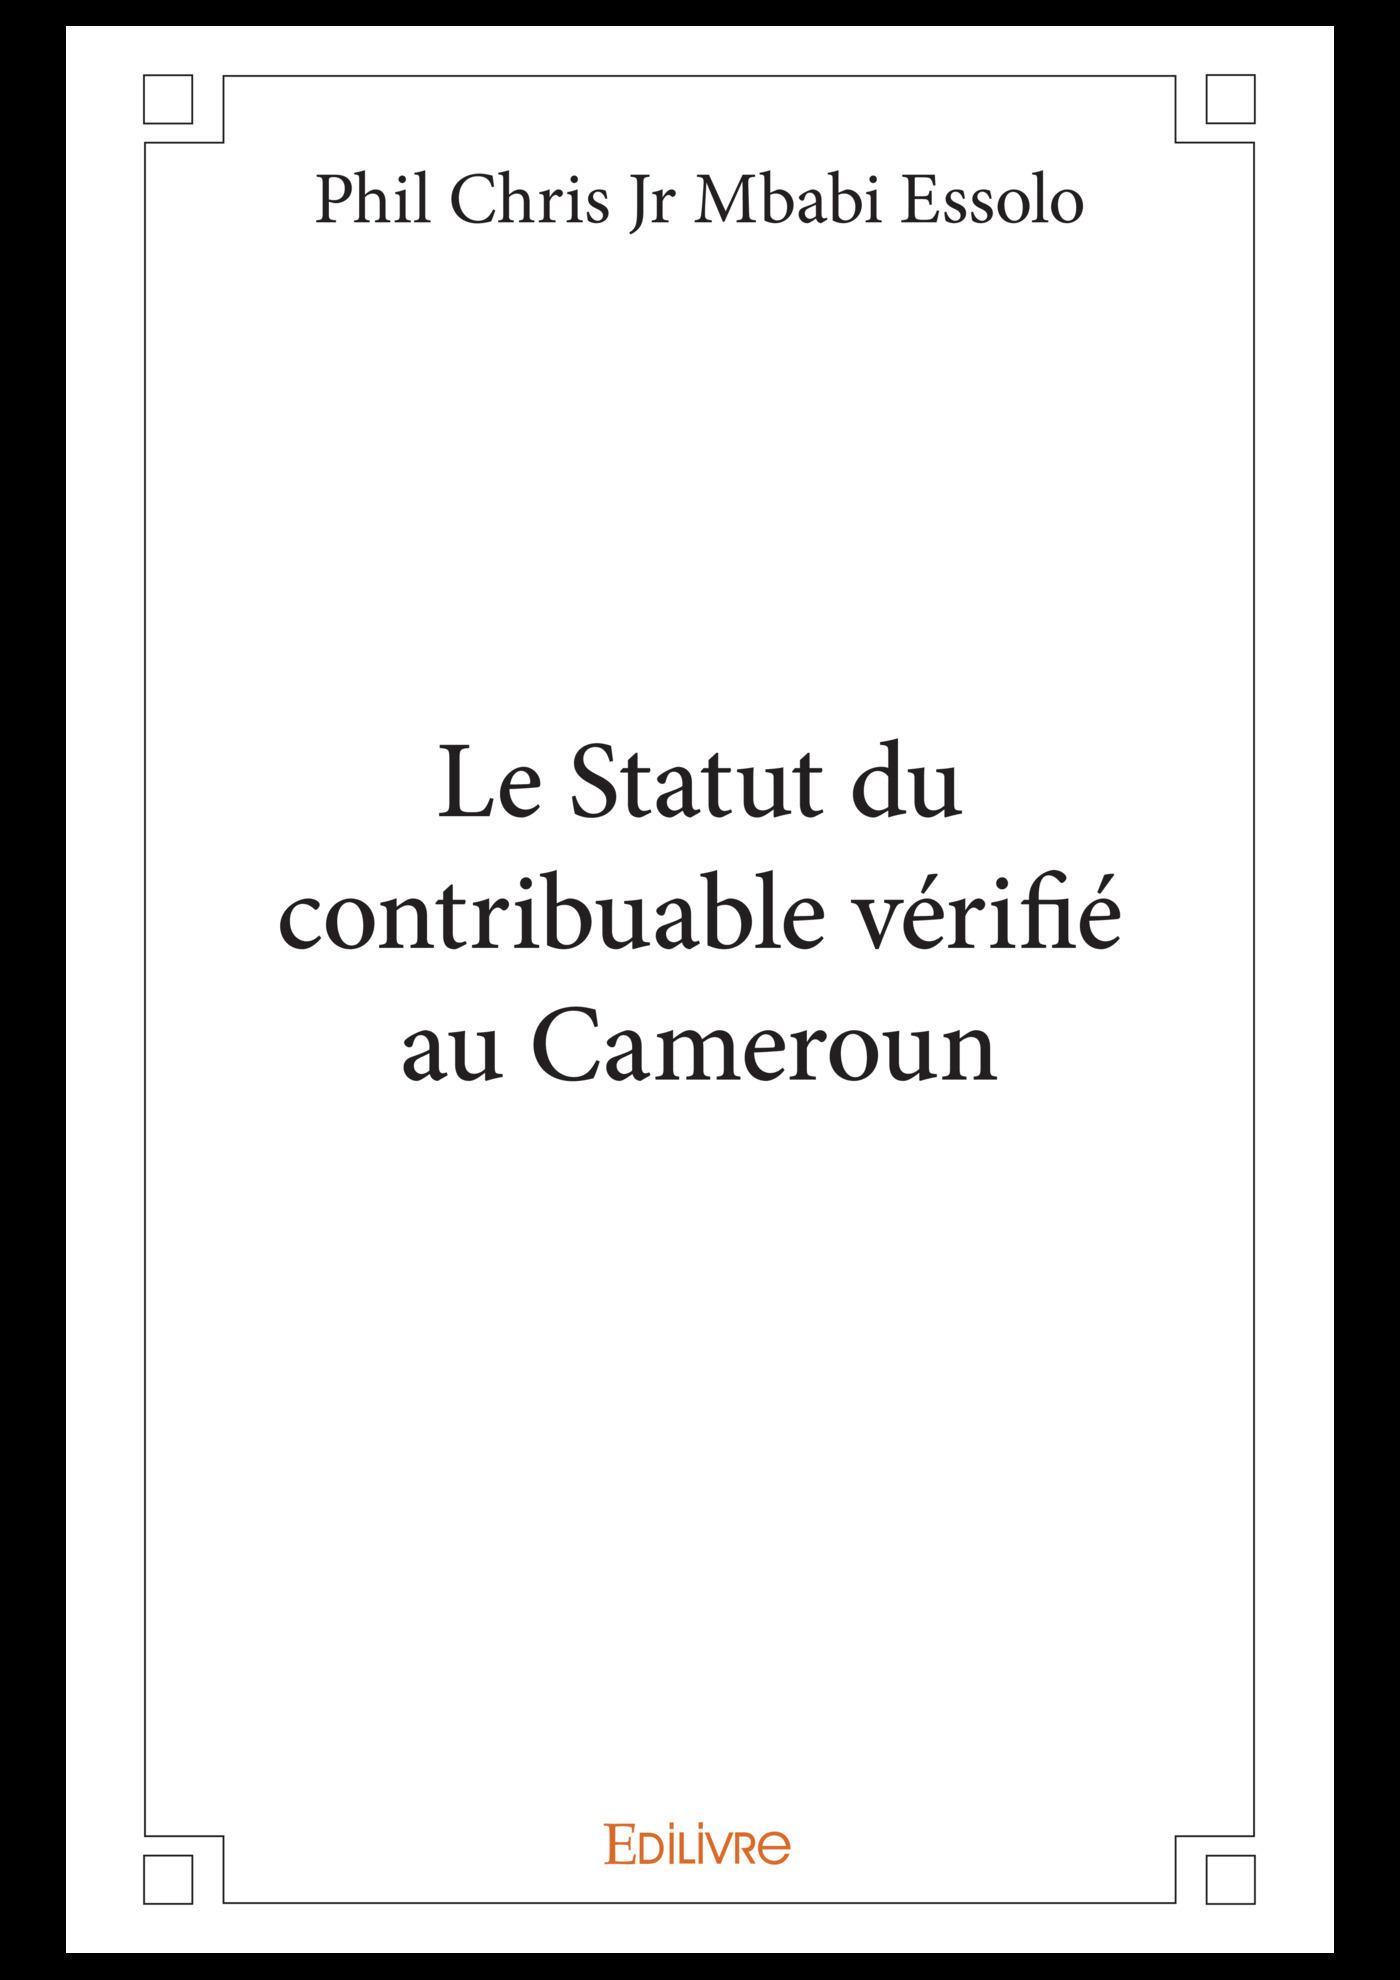 Le Statut du contribuable vérifié au Cameroun  - Phil Chris Jr Mbabi Essolo